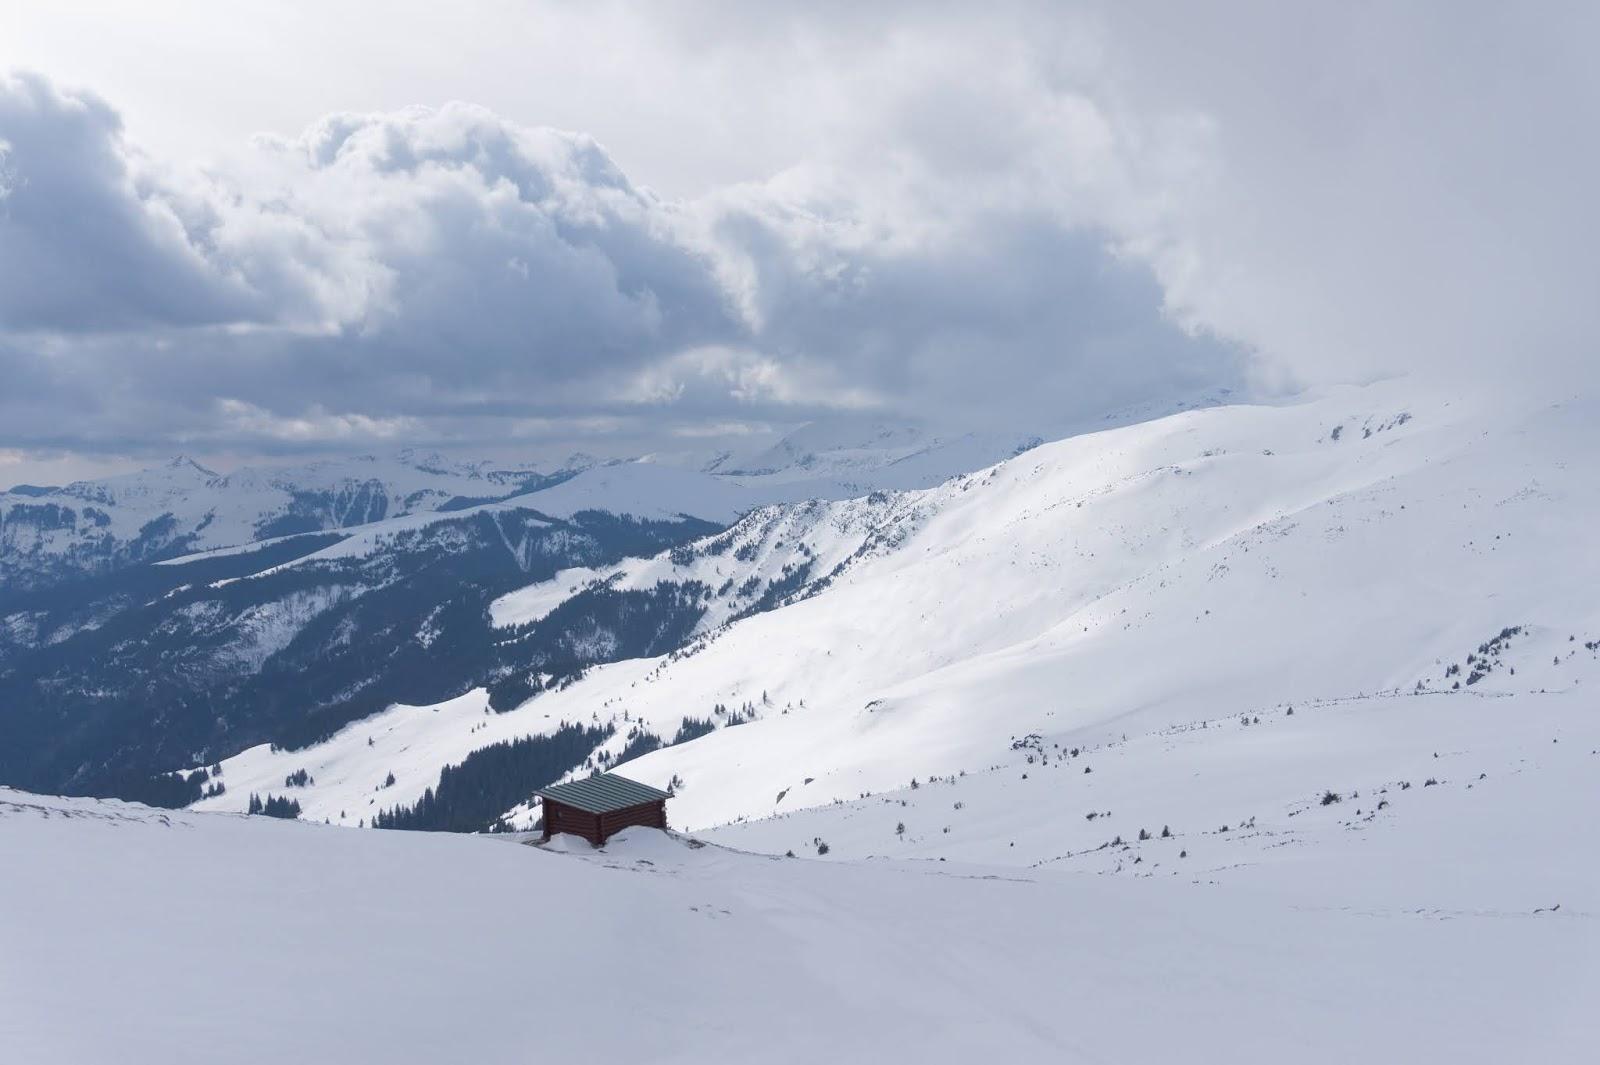 După amiază de iarnă în șaua Gărgălău - Alina Cîrja